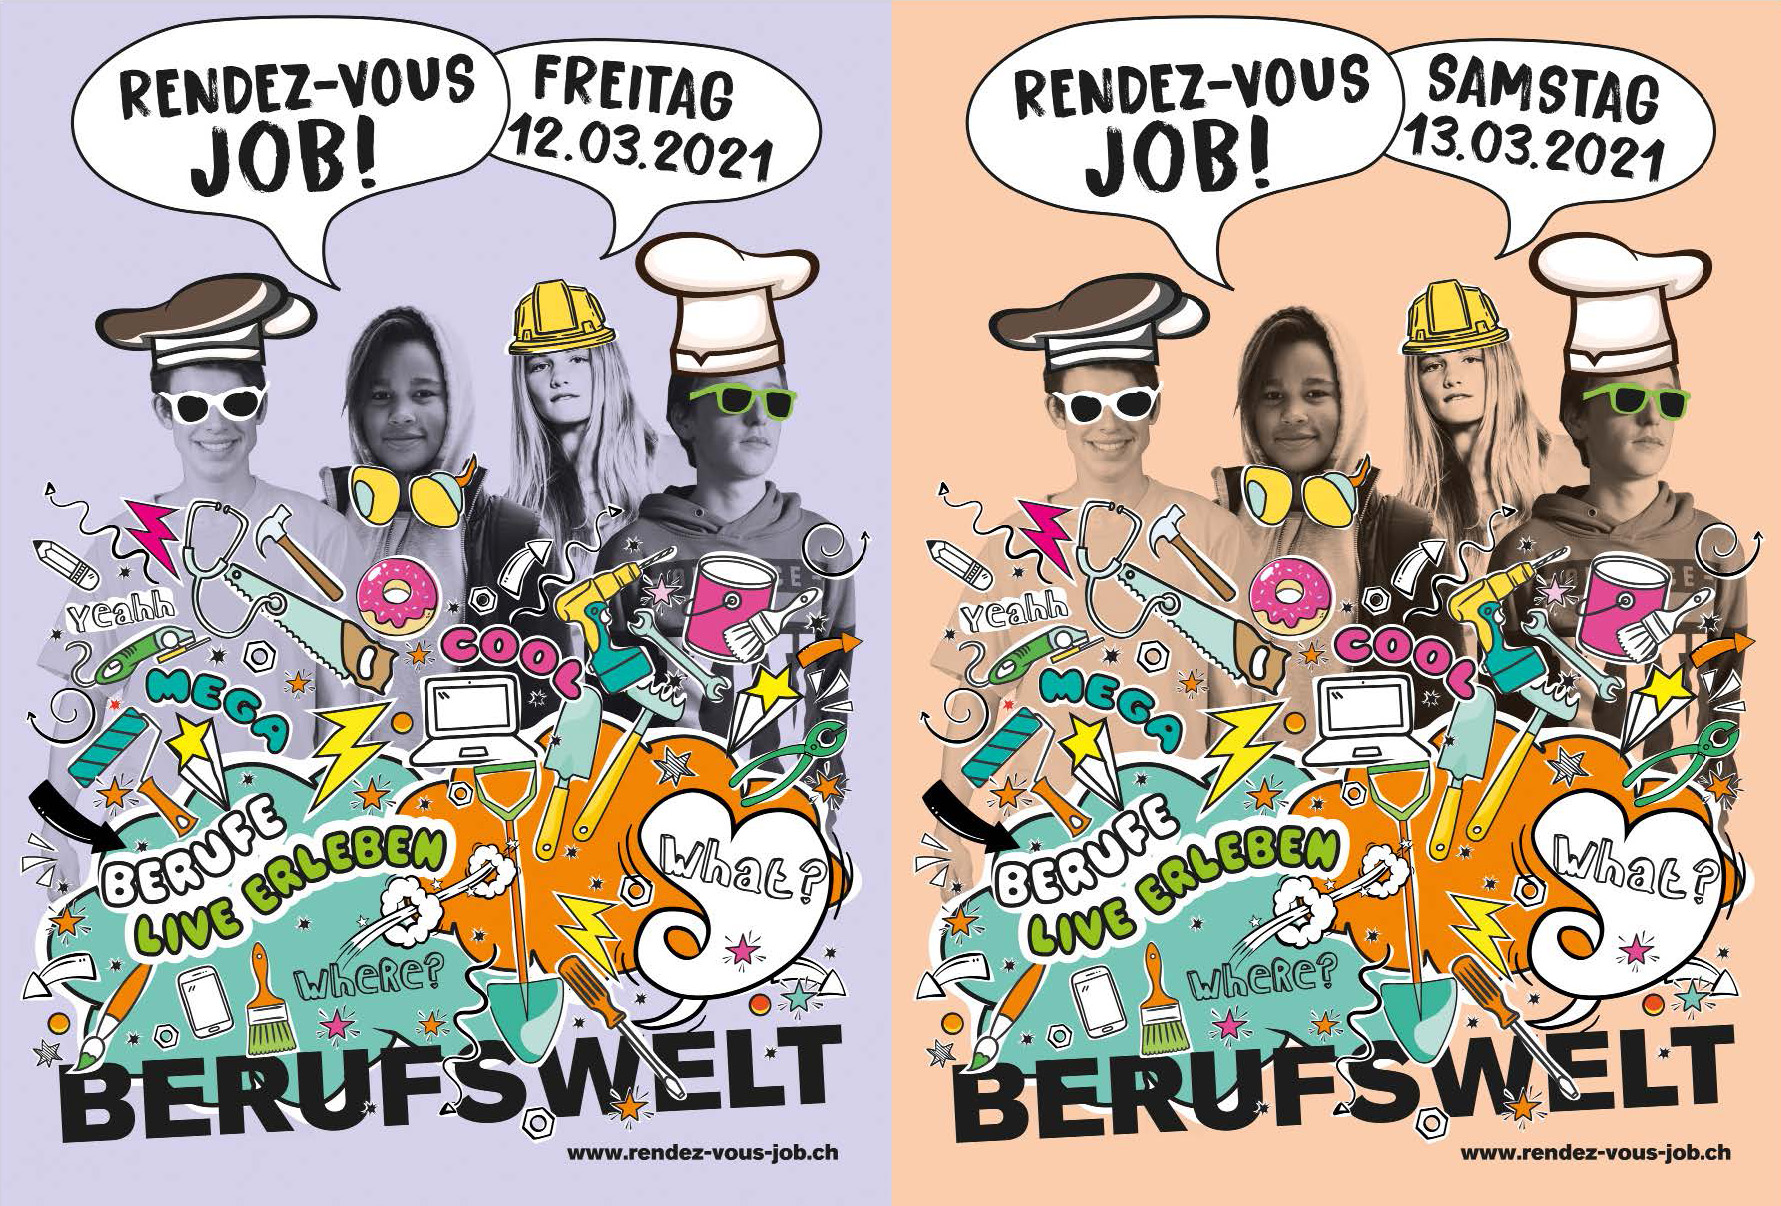 Rendez-vous Job zum Zweiten am 12. und 13. März 2021